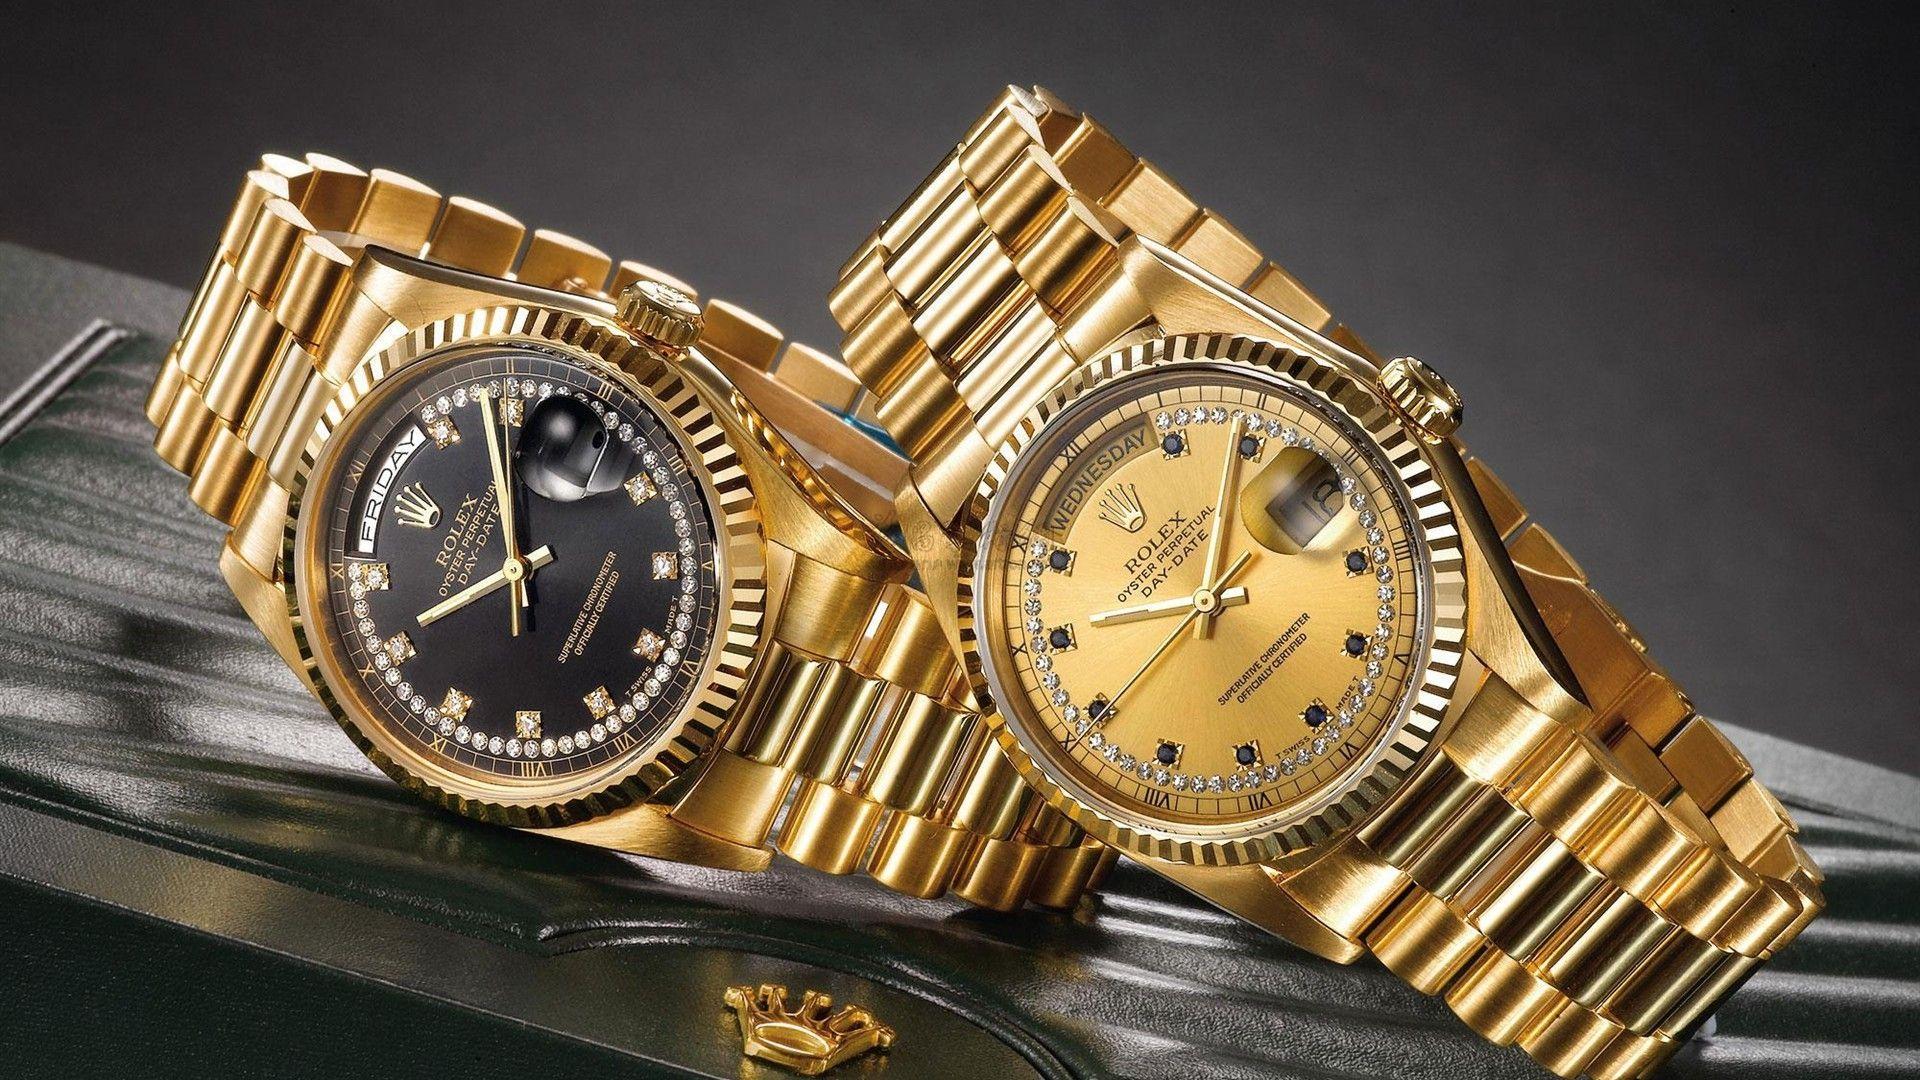 Luxury Mens Rolex Watches Pro Watches Luxury Watches For Men Rolex Watches Luxury Watch Brands